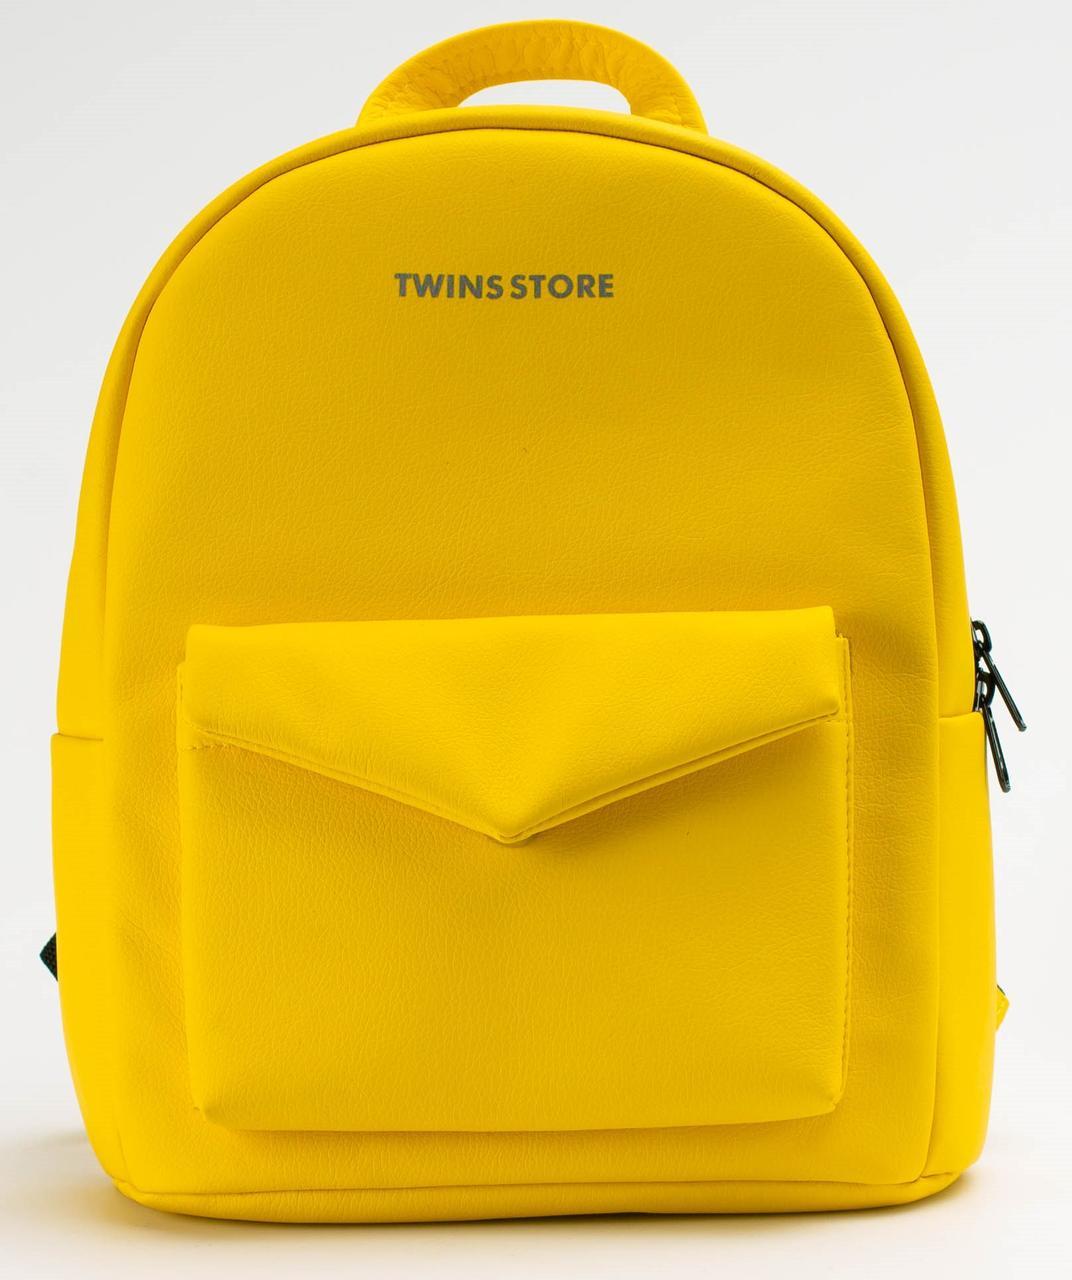 Рюкзак из искусственной кожи TwinsStore Р89, желтый 7 л